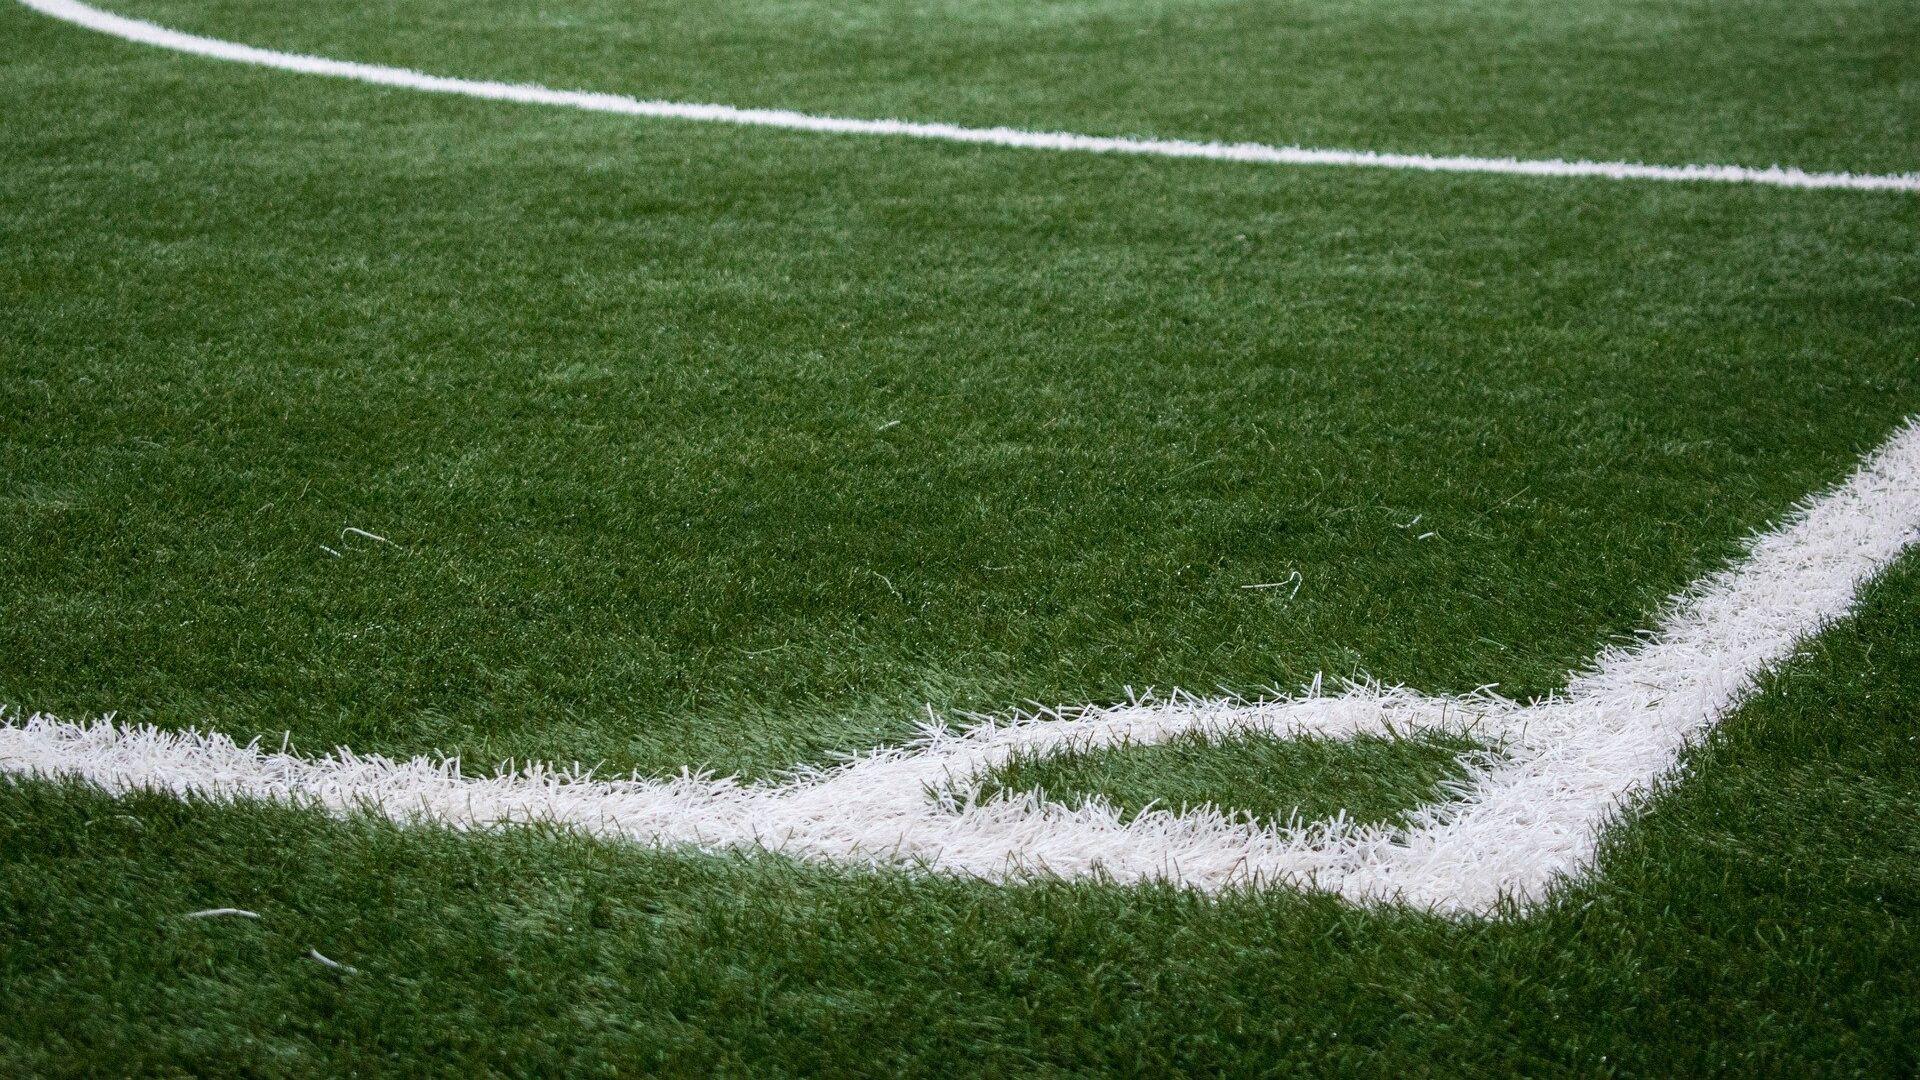 Campo de fútbol (imagen referencial) - Sputnik Mundo, 1920, 01.09.2021